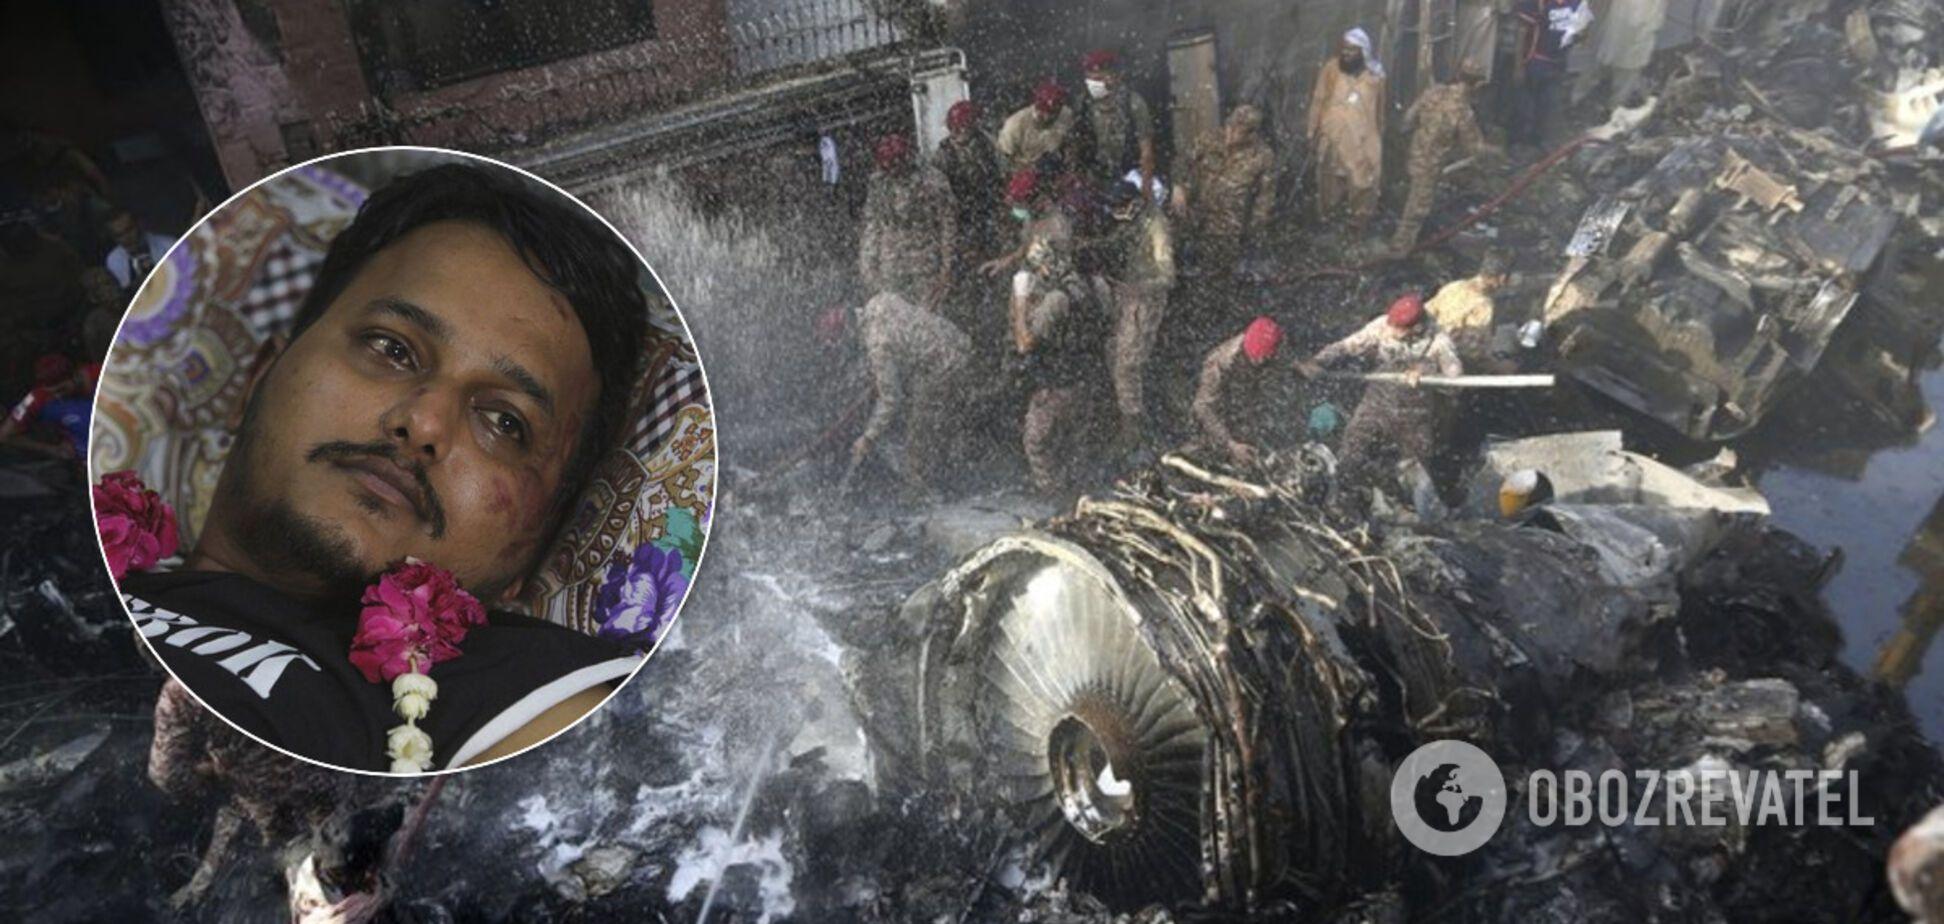 Выживший пассажир упавшего в Пакистане самолета рассказал о катастрофе